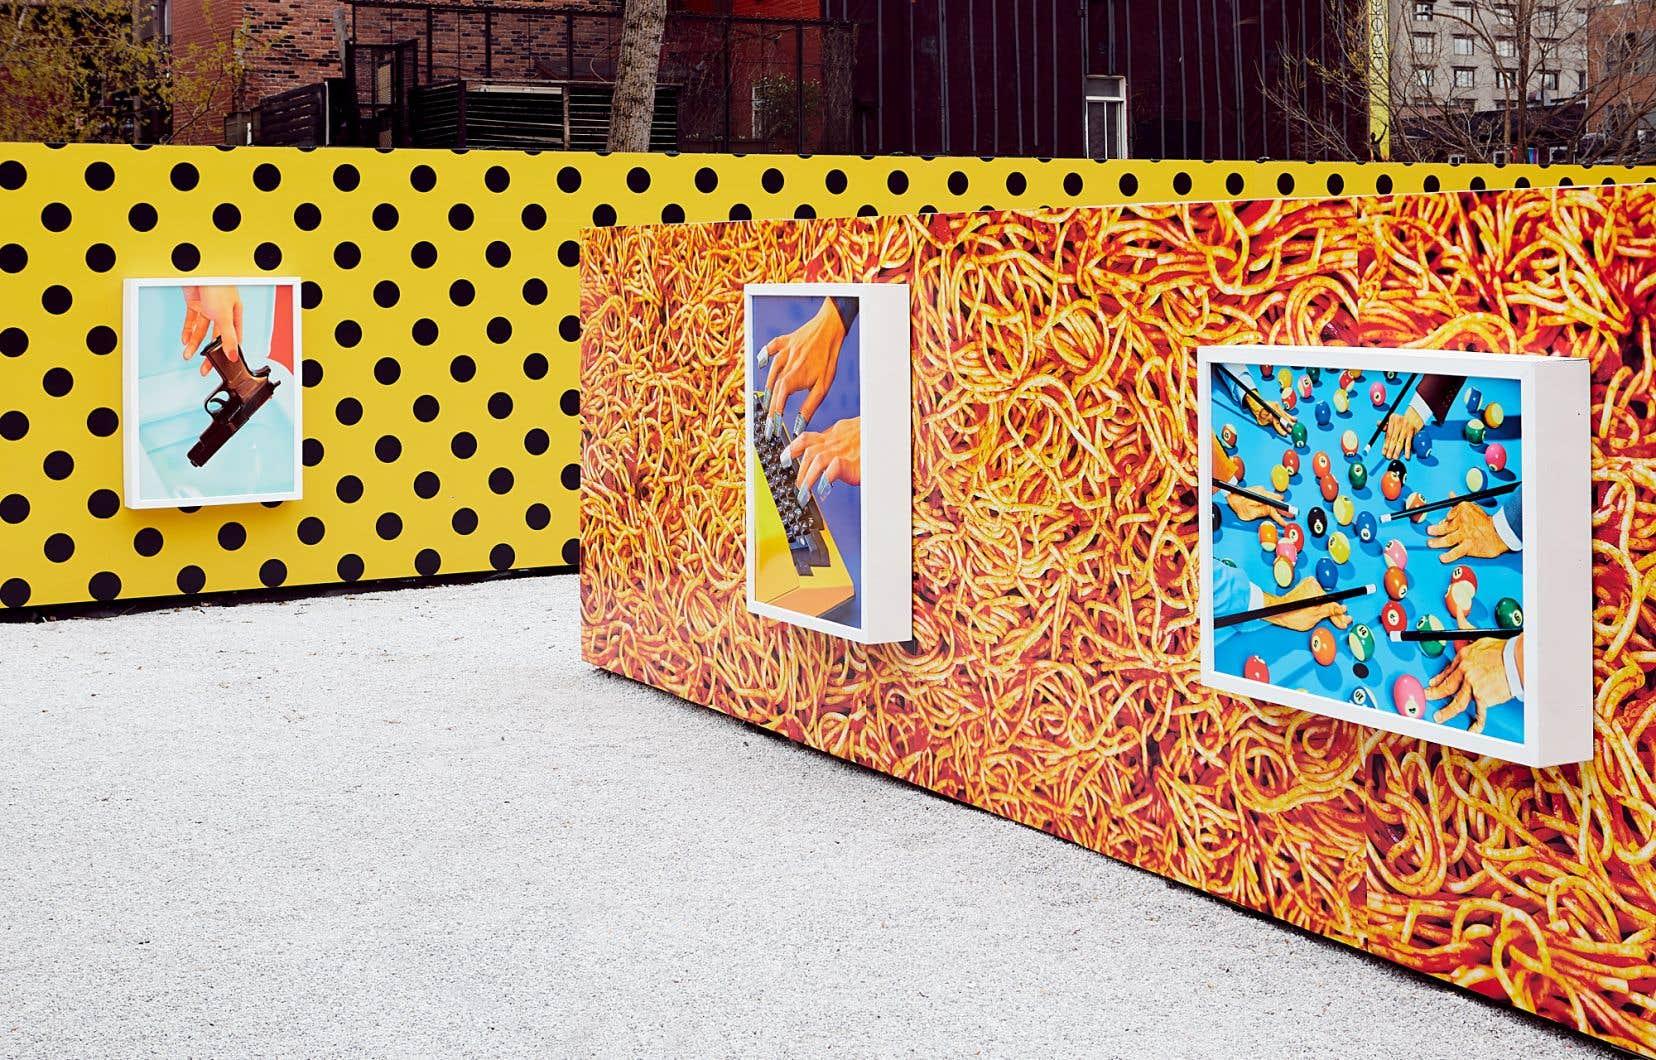 L'exposition «TOILETPAPER» sera présentée à la Galerie Blanc jusqu'au 1er mai 2020.